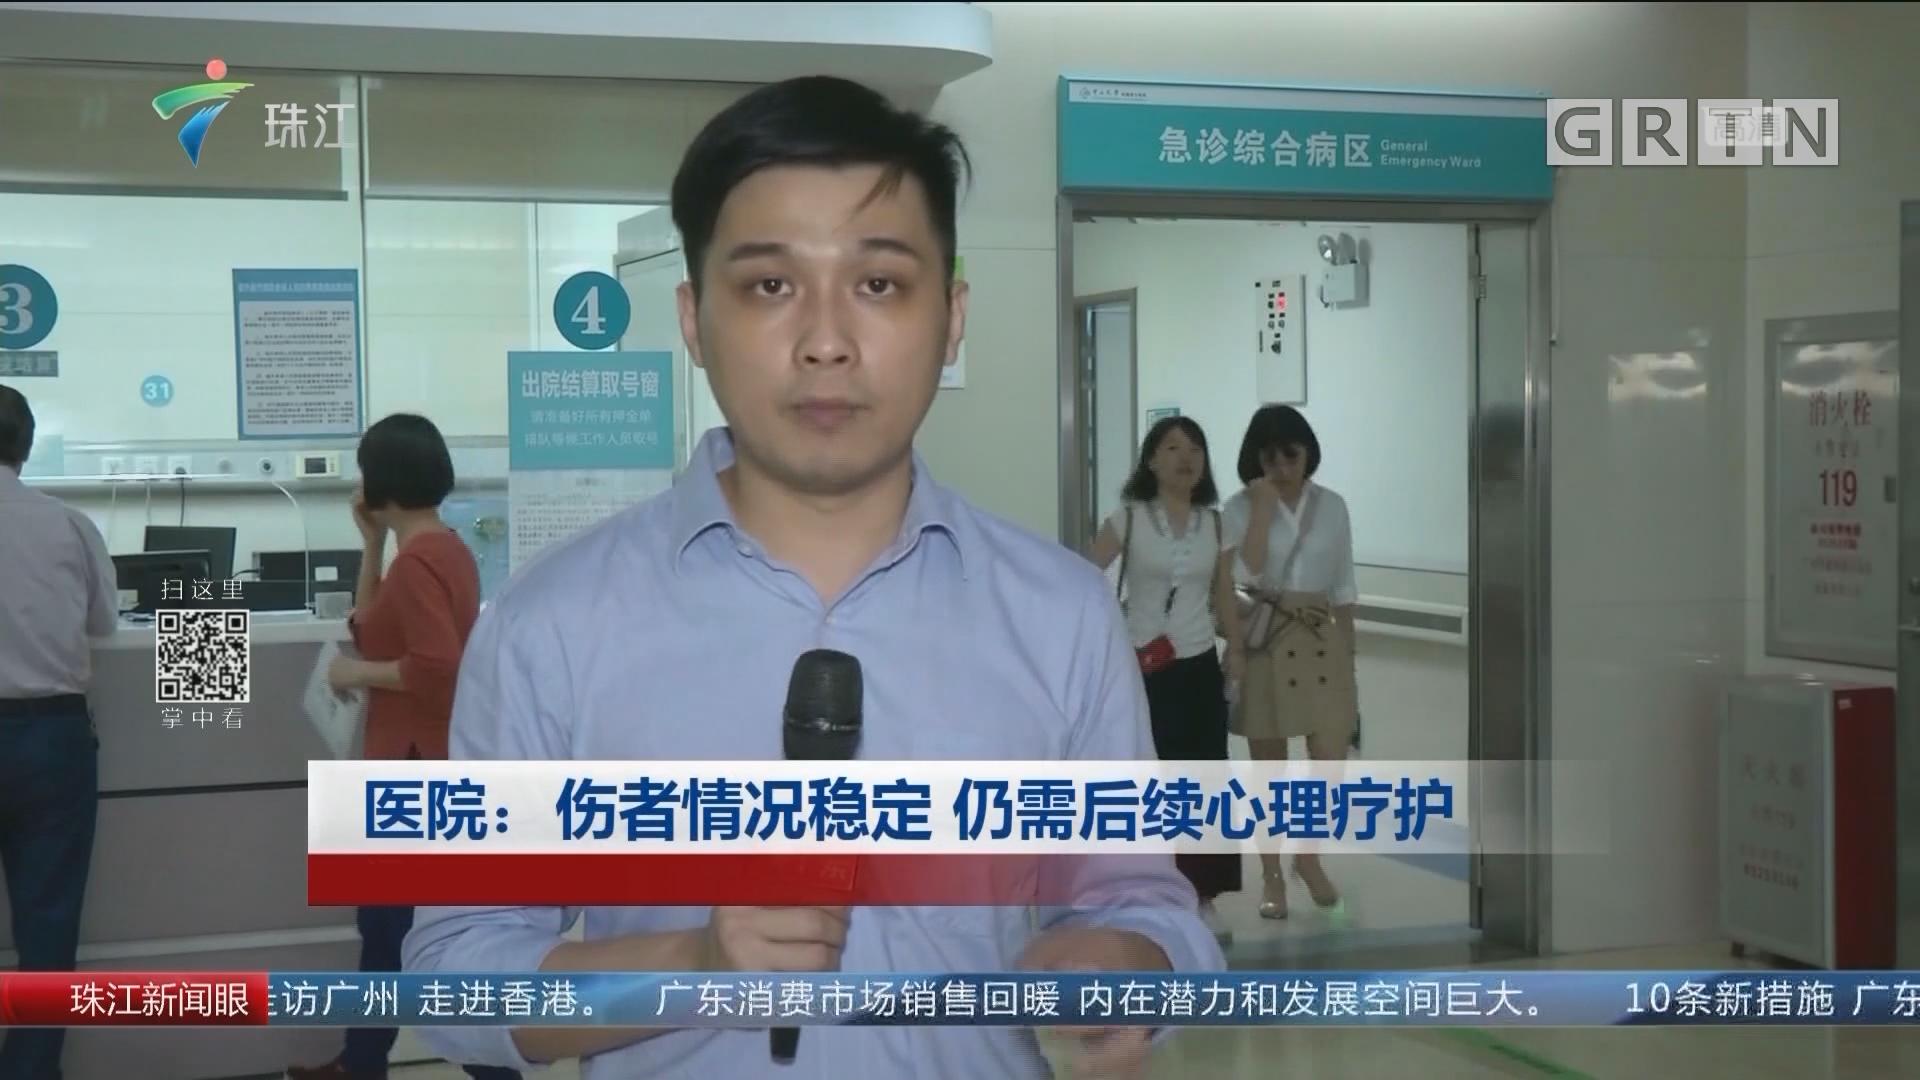 醫院:傷者情況穩定 仍需后續心理療護